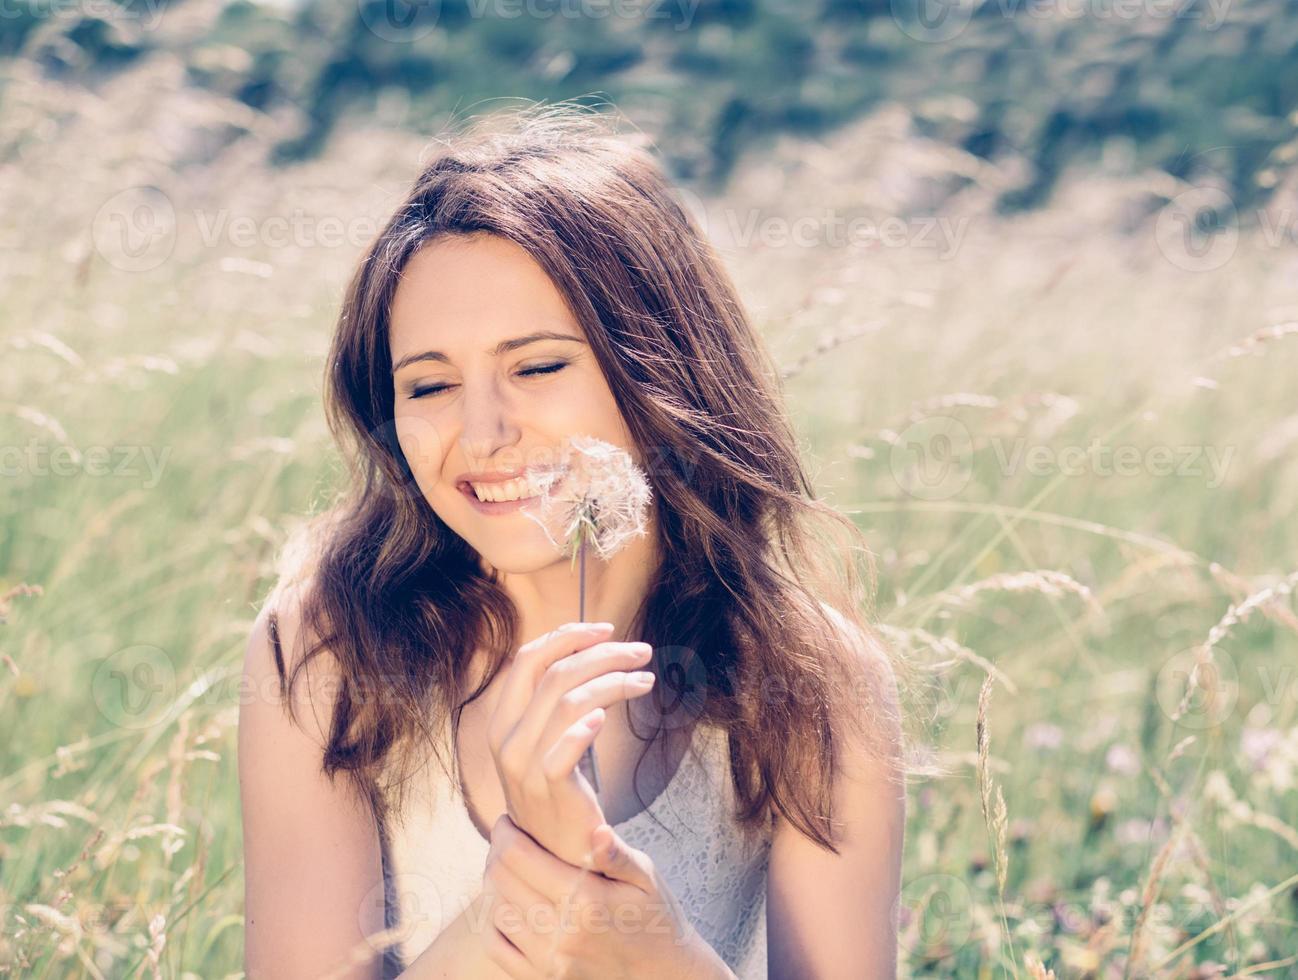 menina de beleza ao ar livre foto